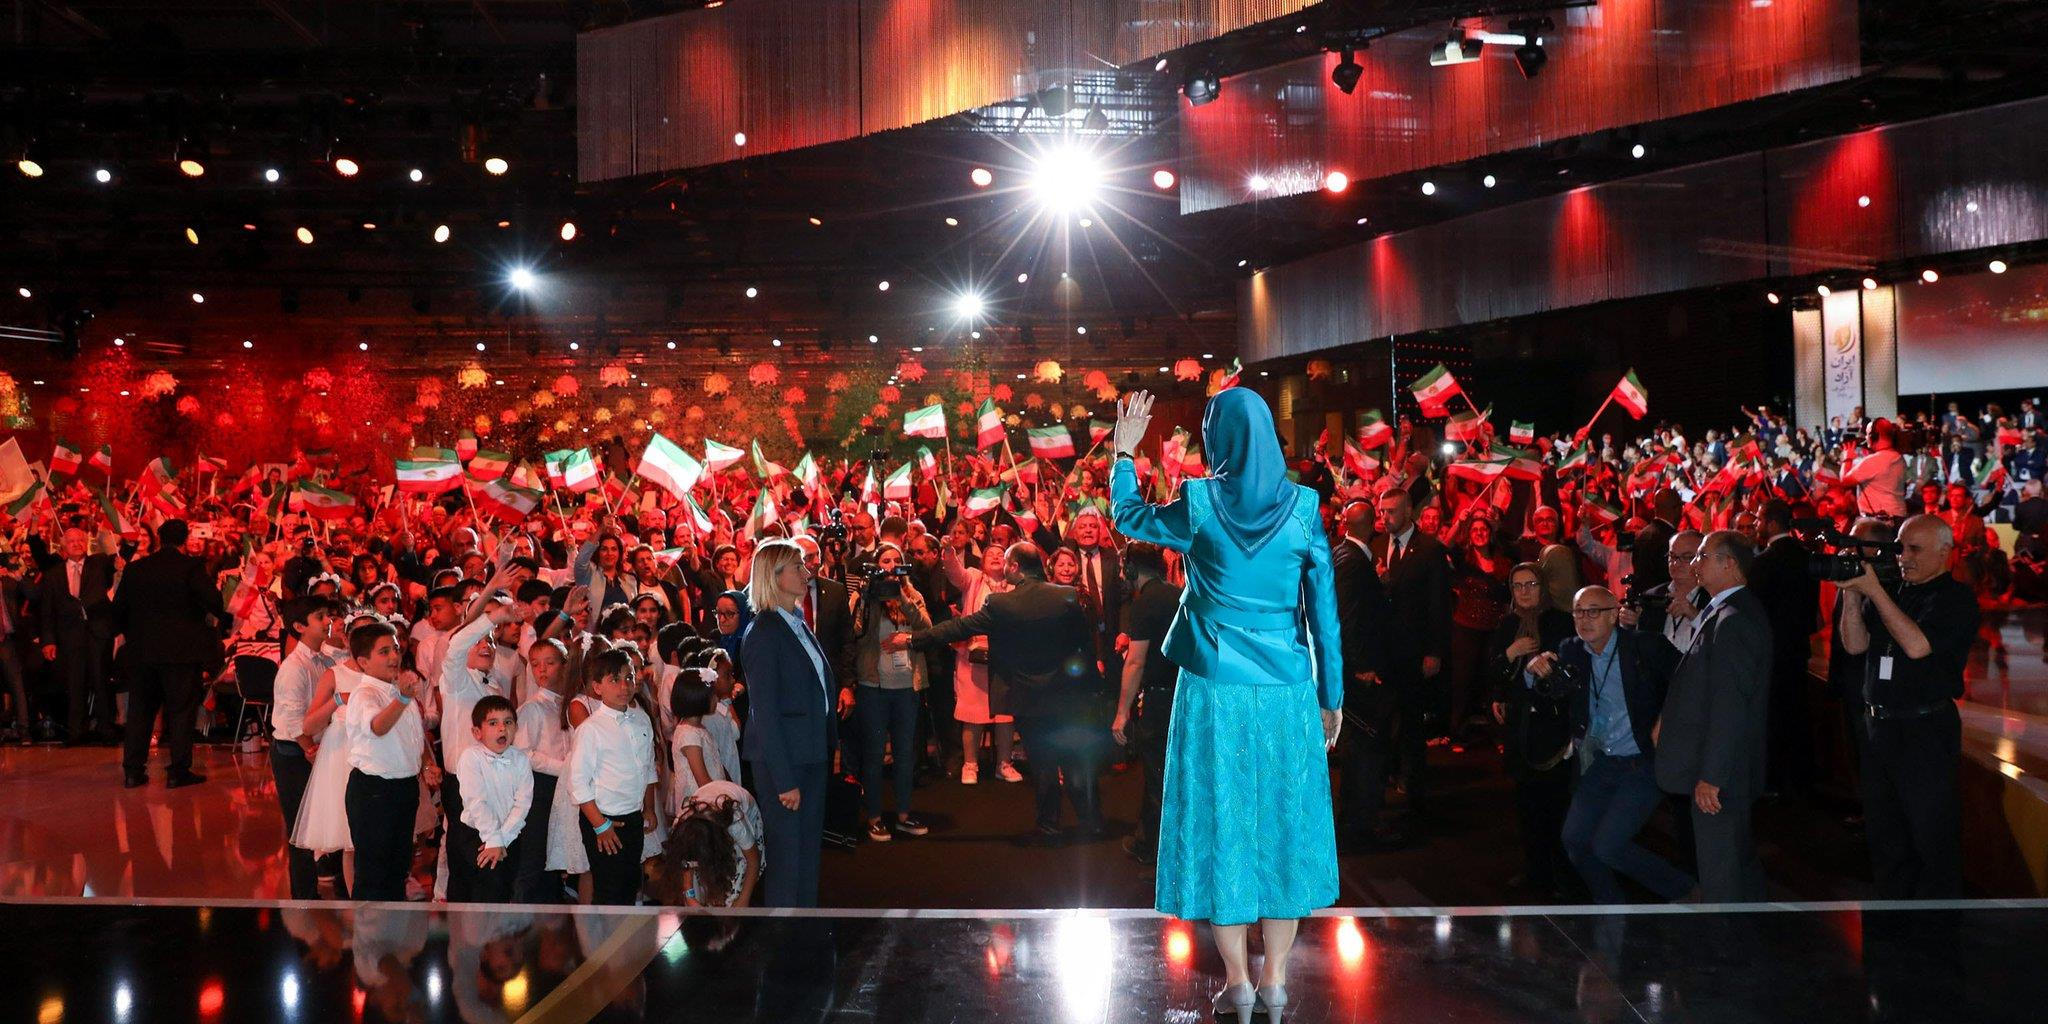 گردهمایی بزرگ مقاومت ایران، پاریس 10تیر 1396 (اول ژوئیه 2017)